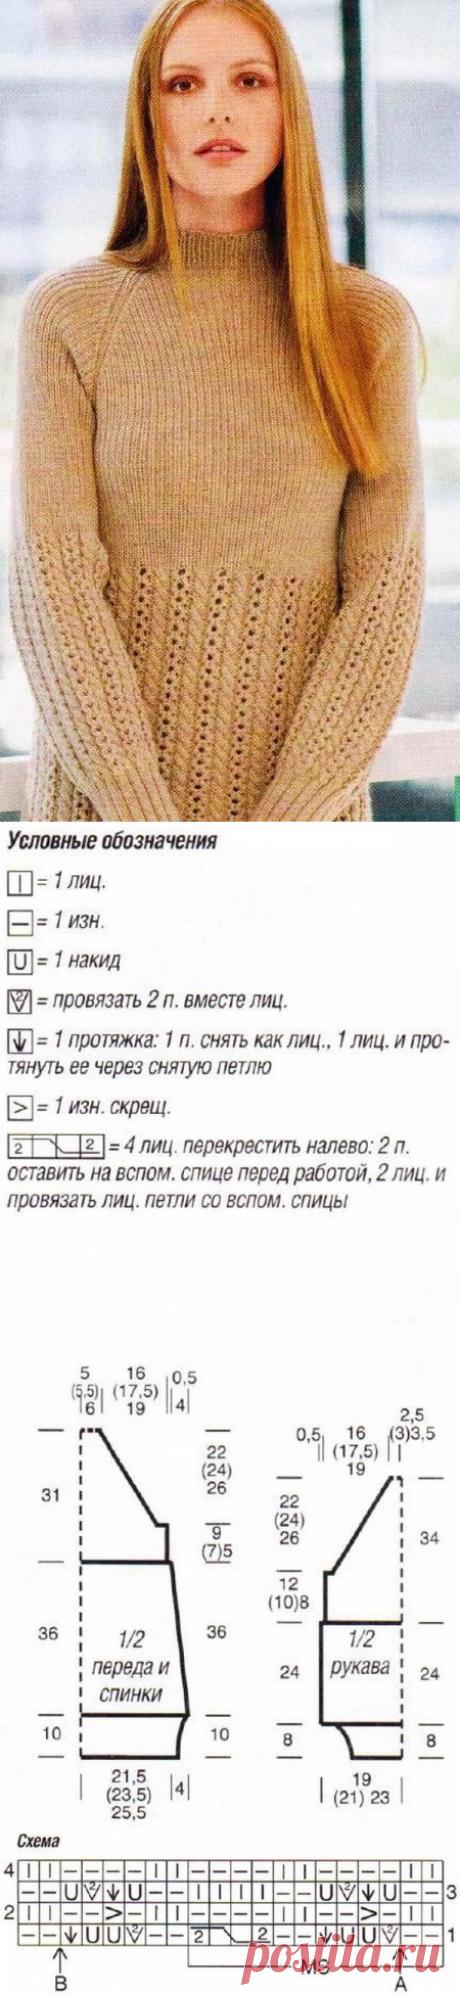 Облегающая удобная туника на кокетке вязанная спицами | Блог elisheva.ru